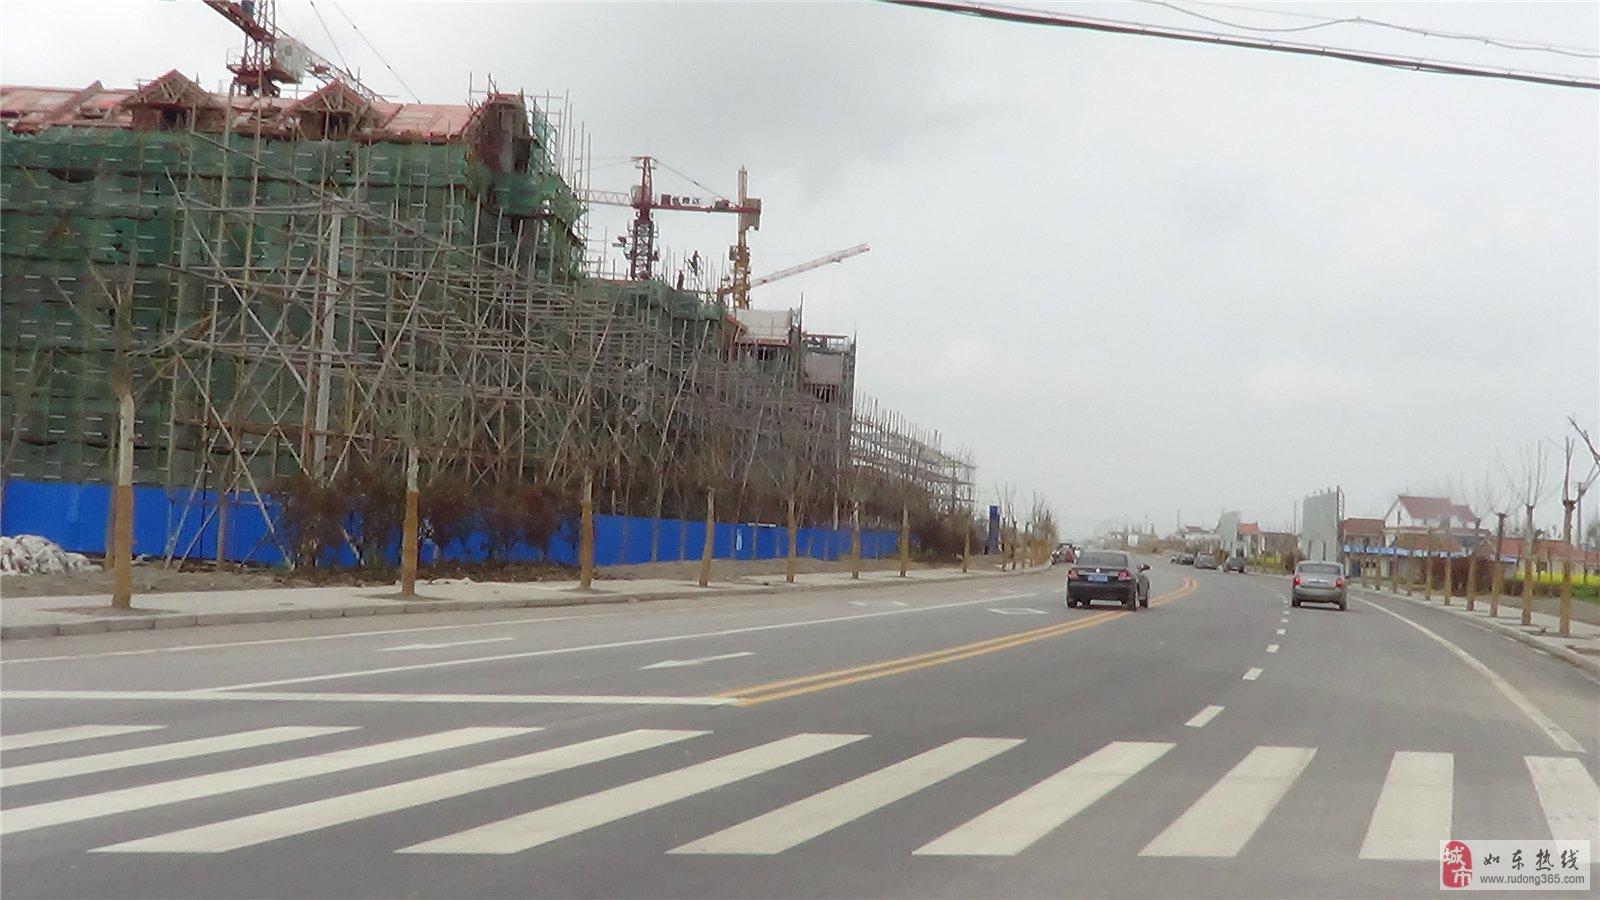 中坤苑位于如东县城新区的东南首,紧邻老城区,南至外环北路,北至府前